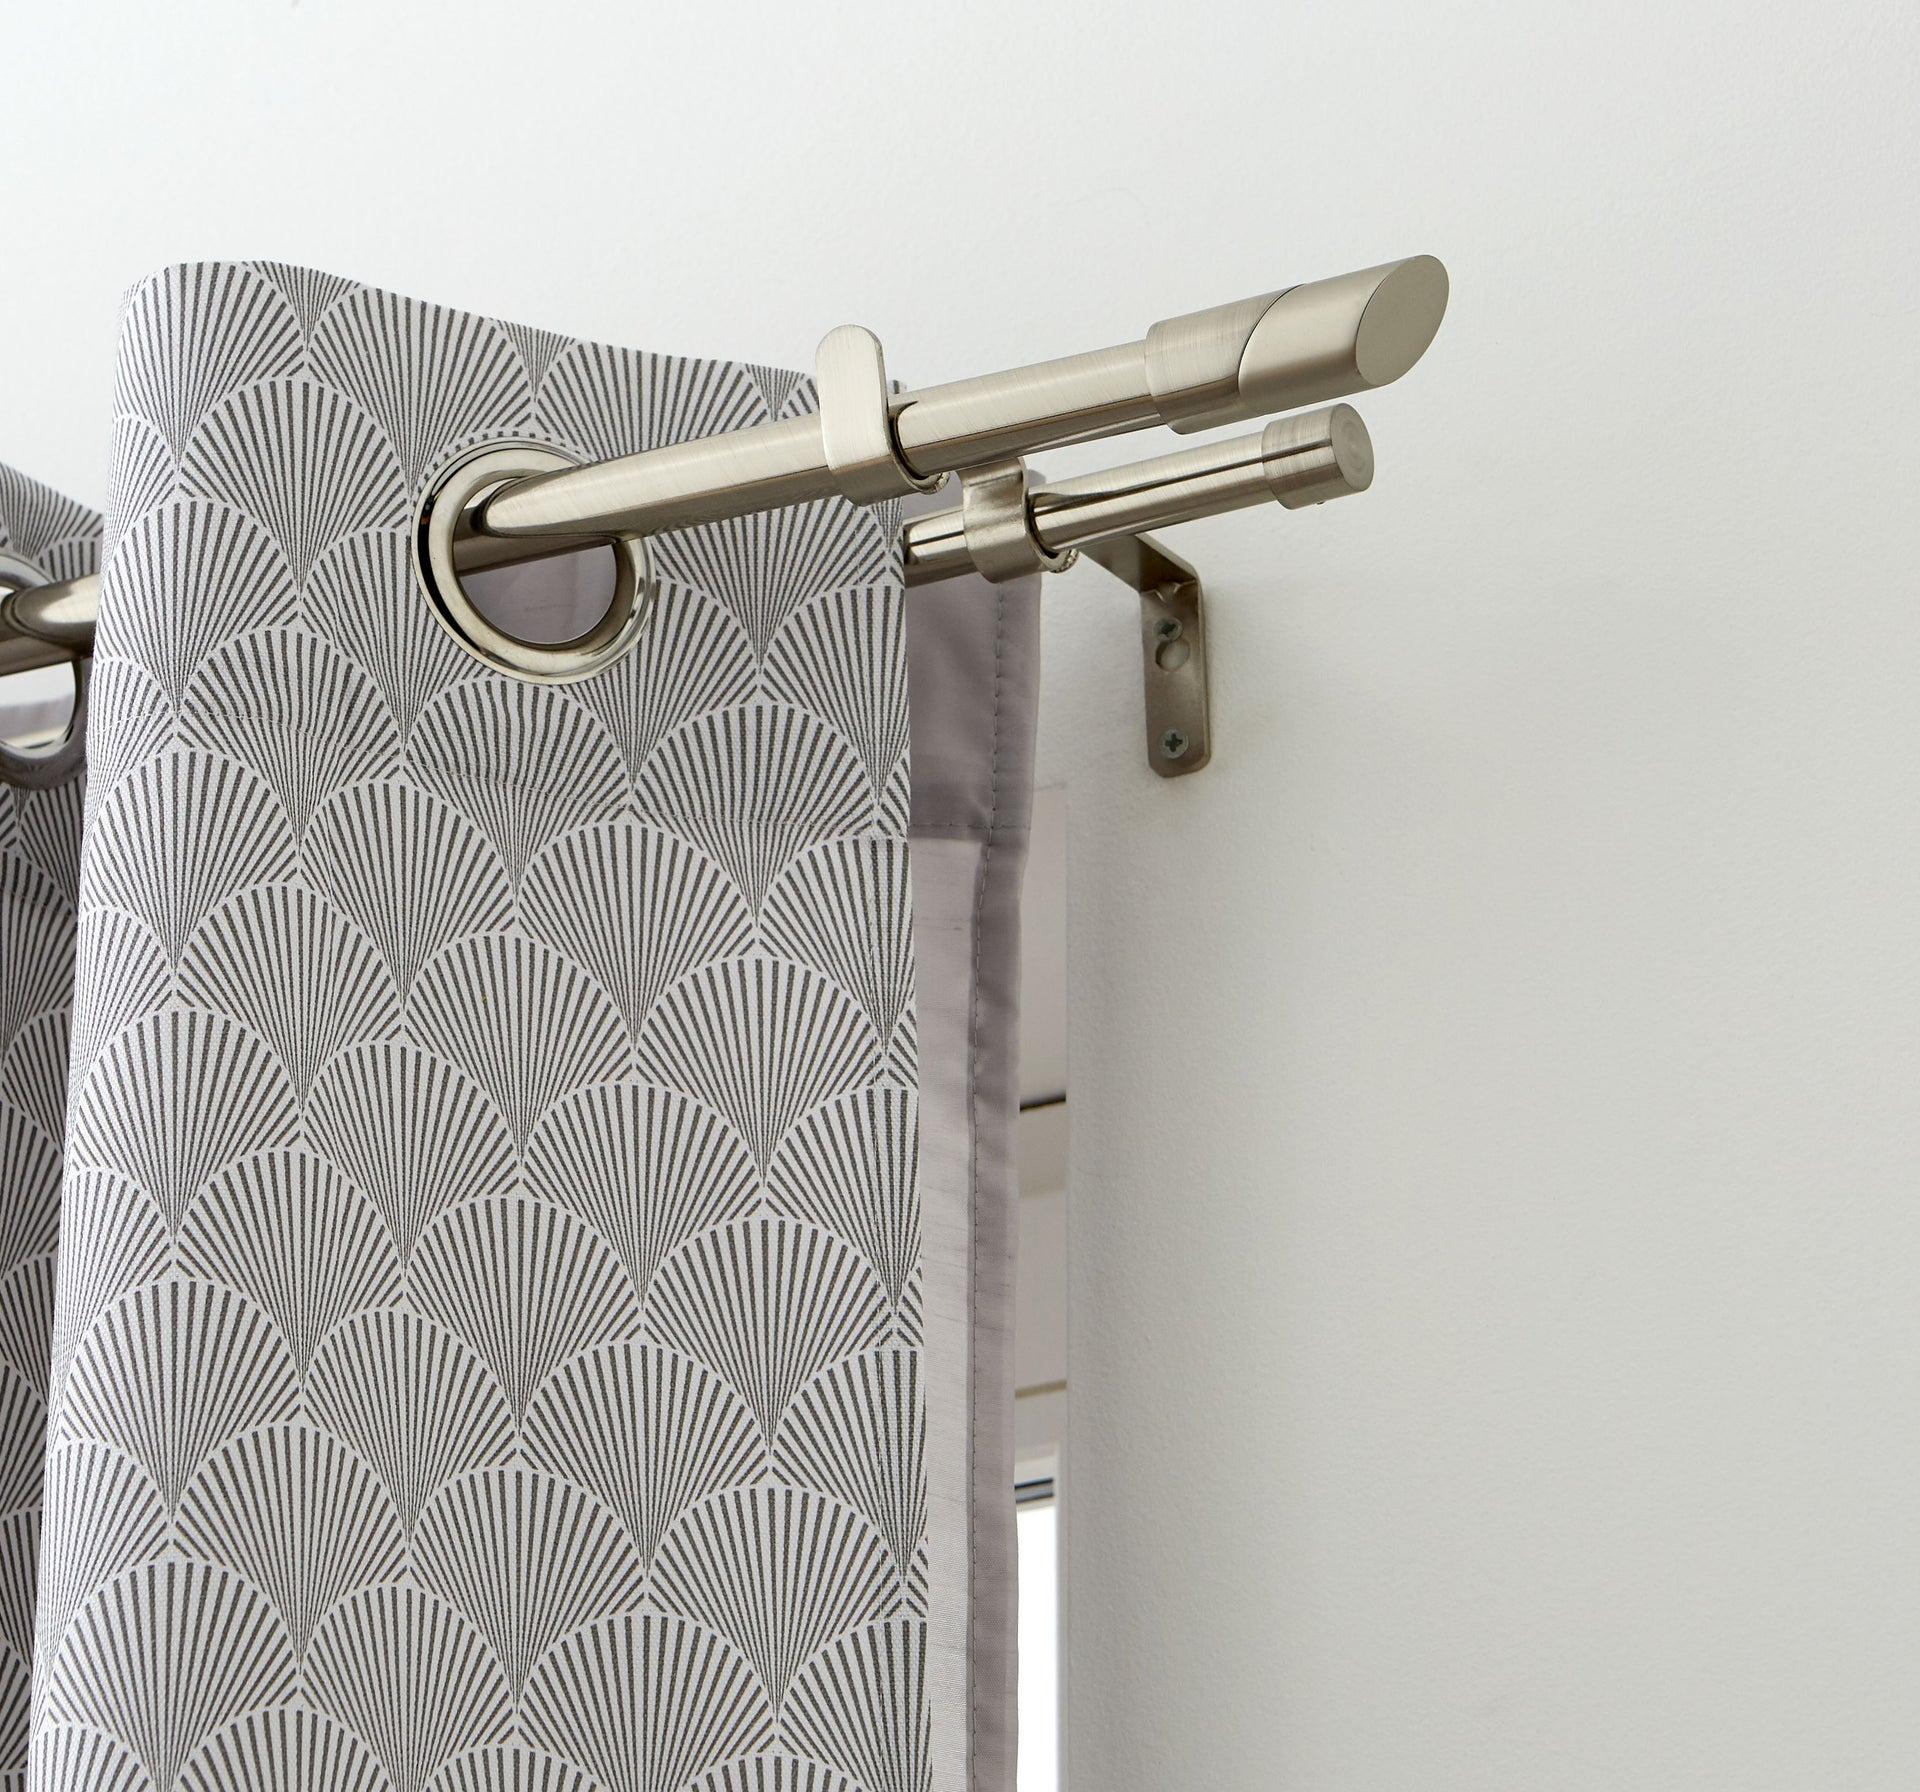 kit de tringle a rideau twin diam 16 19 mm gris argent brosse 120 210 cm